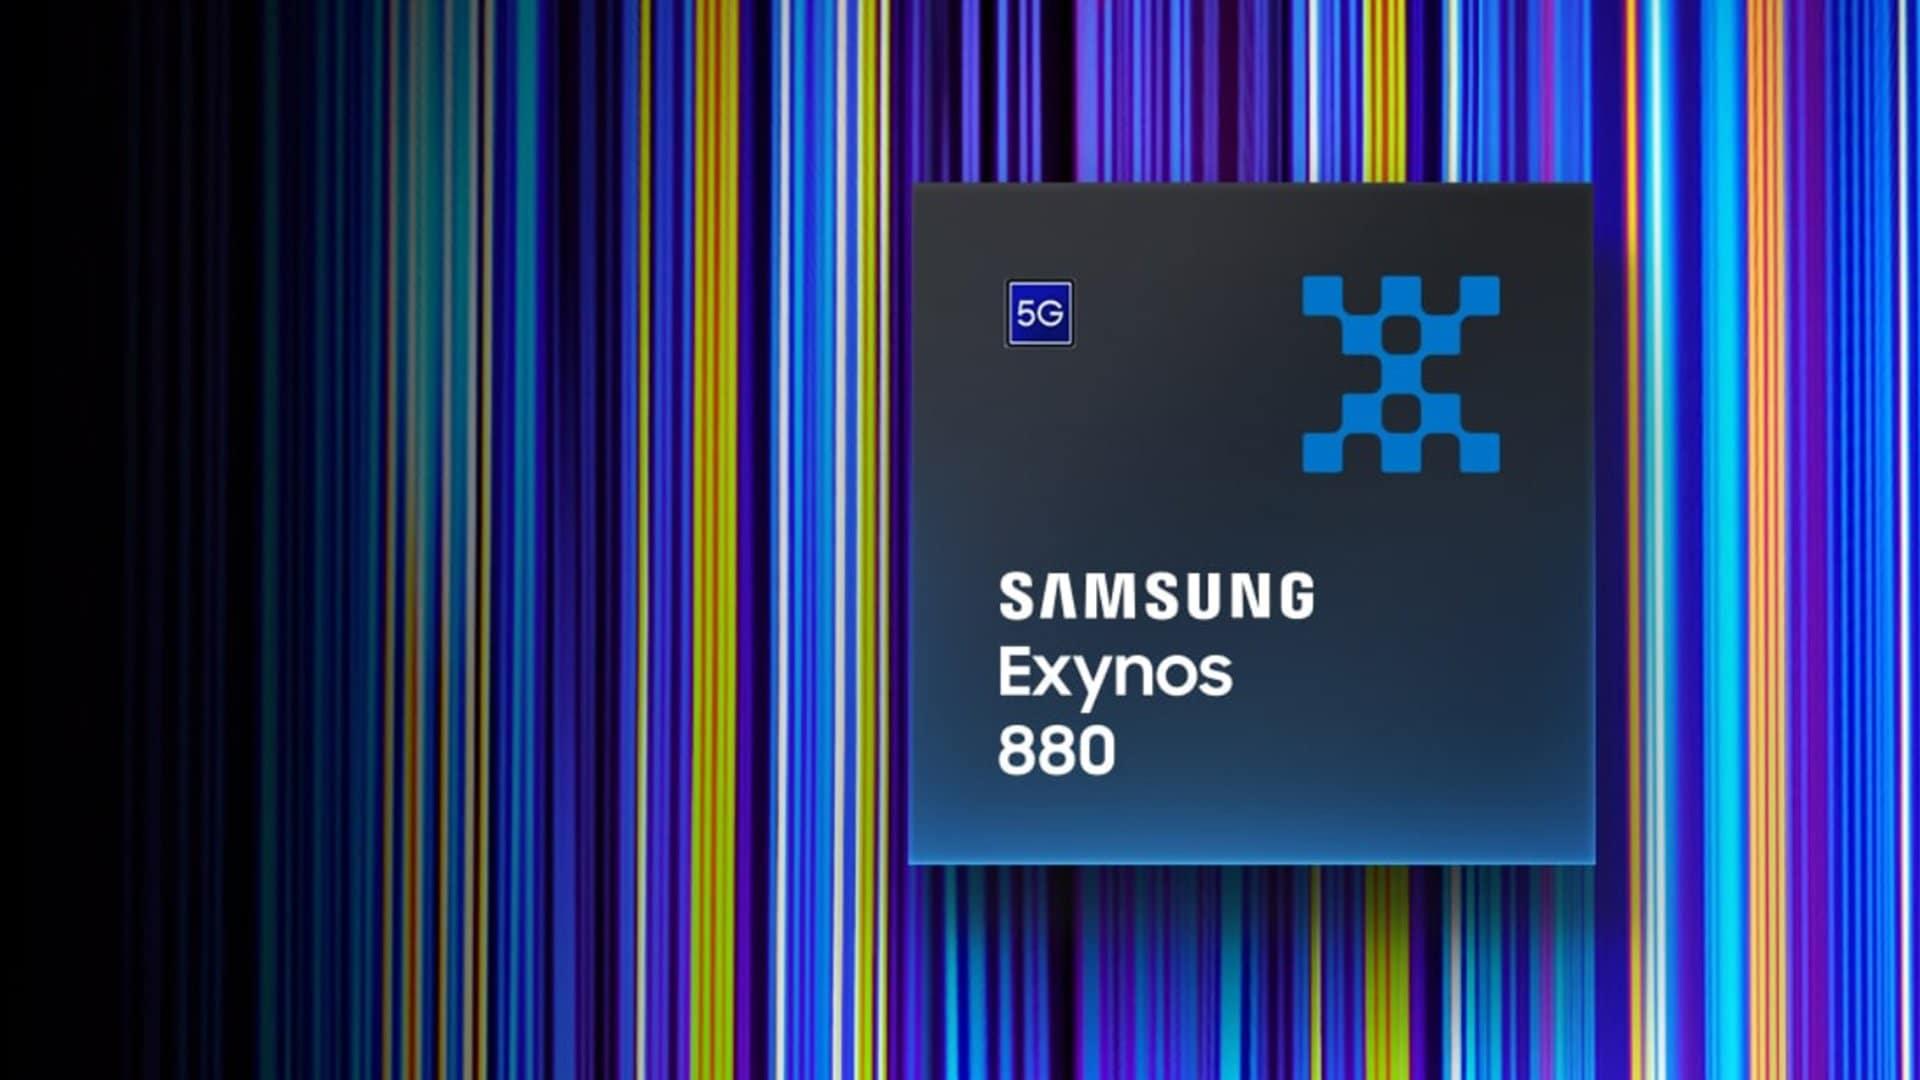 Samsung svela il nuovo processore Exynos 880: 5G e performance da gaming anche per la fascia media (foto)